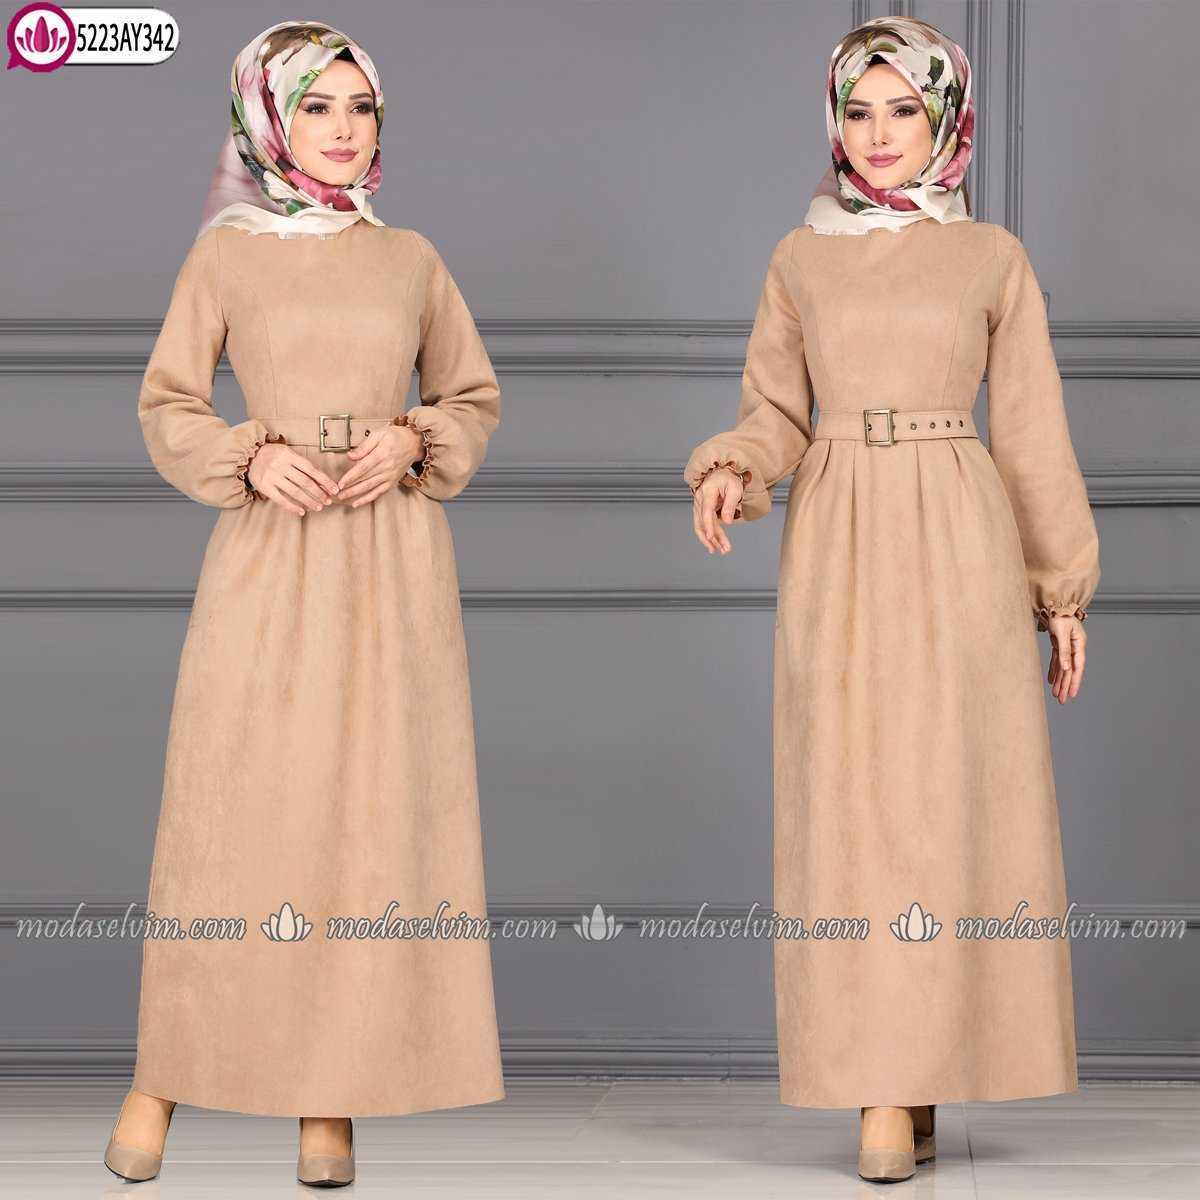 En Şık ModaSelvim Sonbahar Kış Tesettür Kıyafet Modelleri